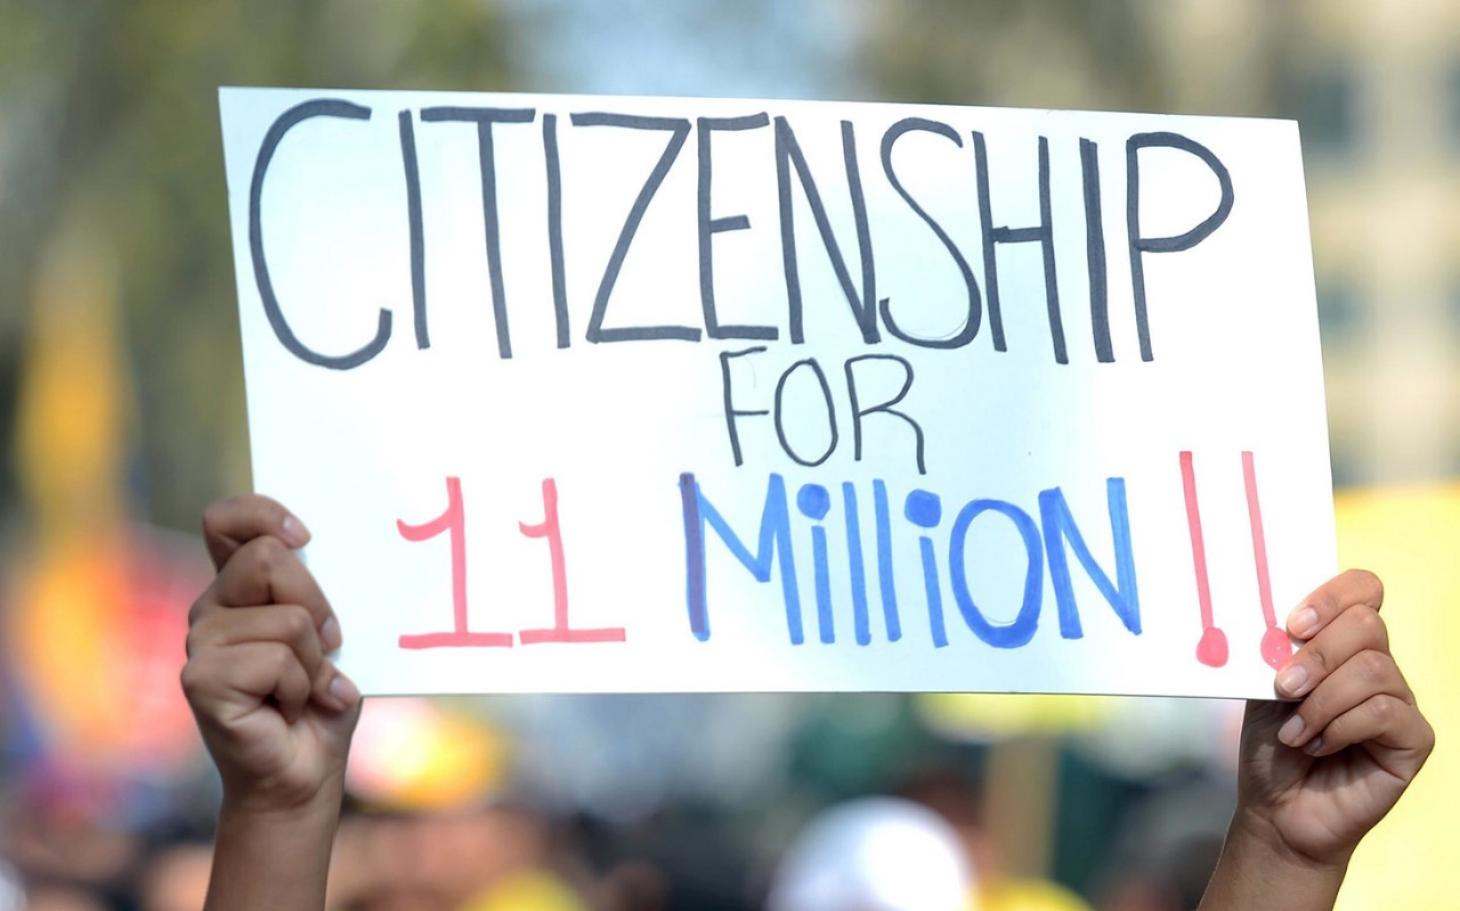 La lucha por la regularización migratoria de los indocumentados persiste, a pesar del gobierno de Donald Trump, que ha puesto en práctica su Fuerza de Deportación. Foto: Tomada de internet.